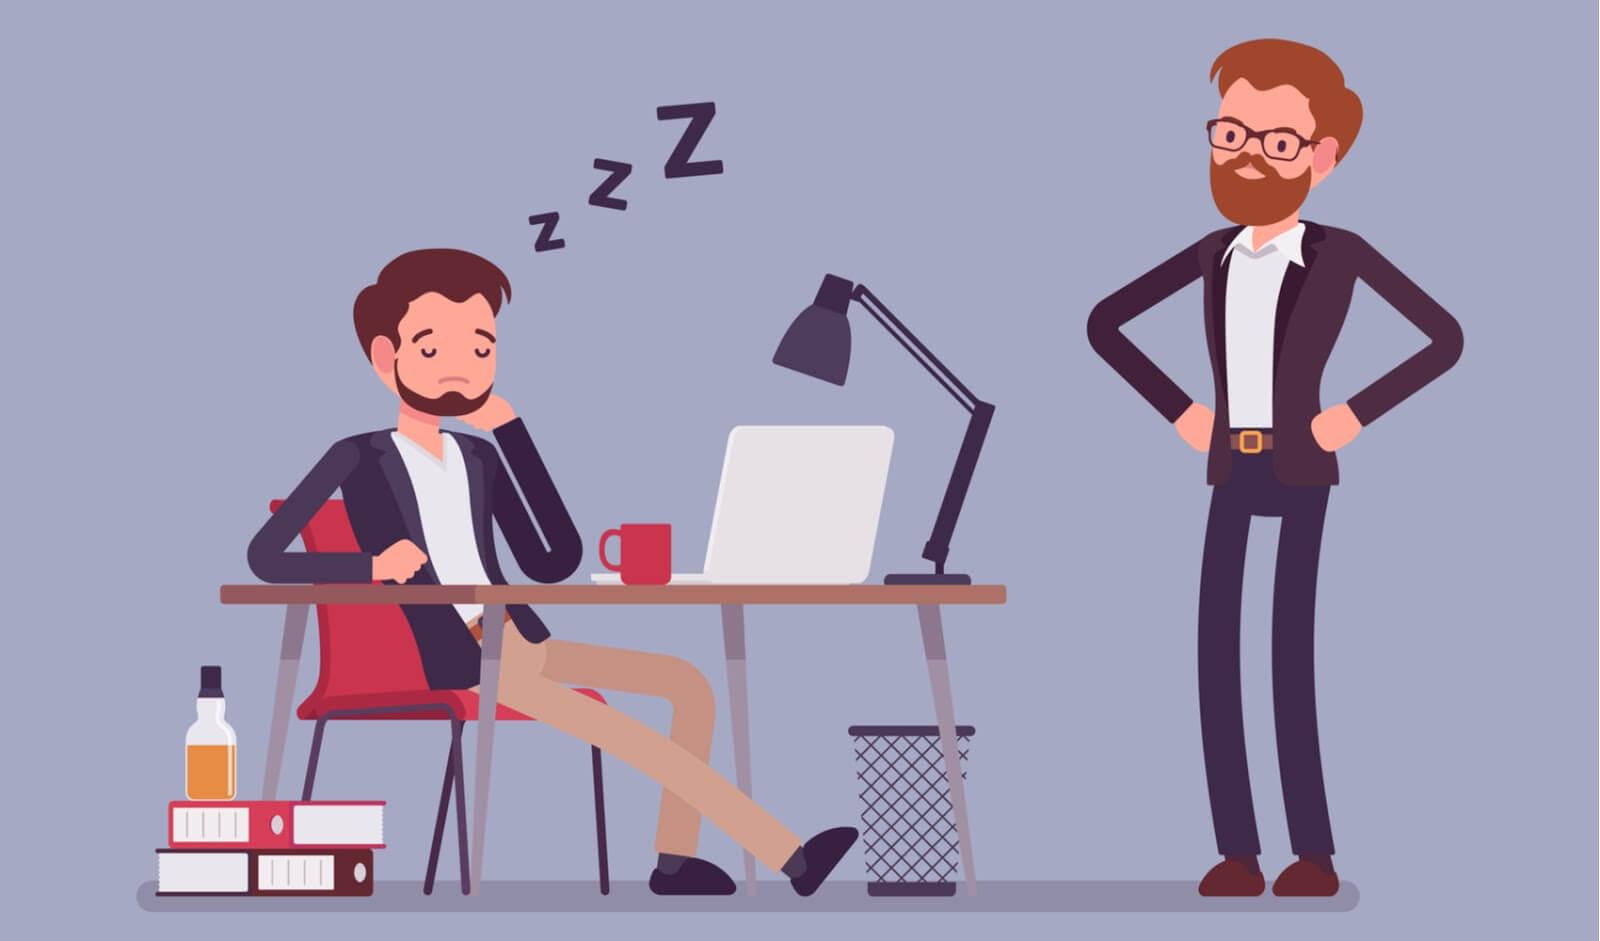 記憶力低下 原因 睡眠不足